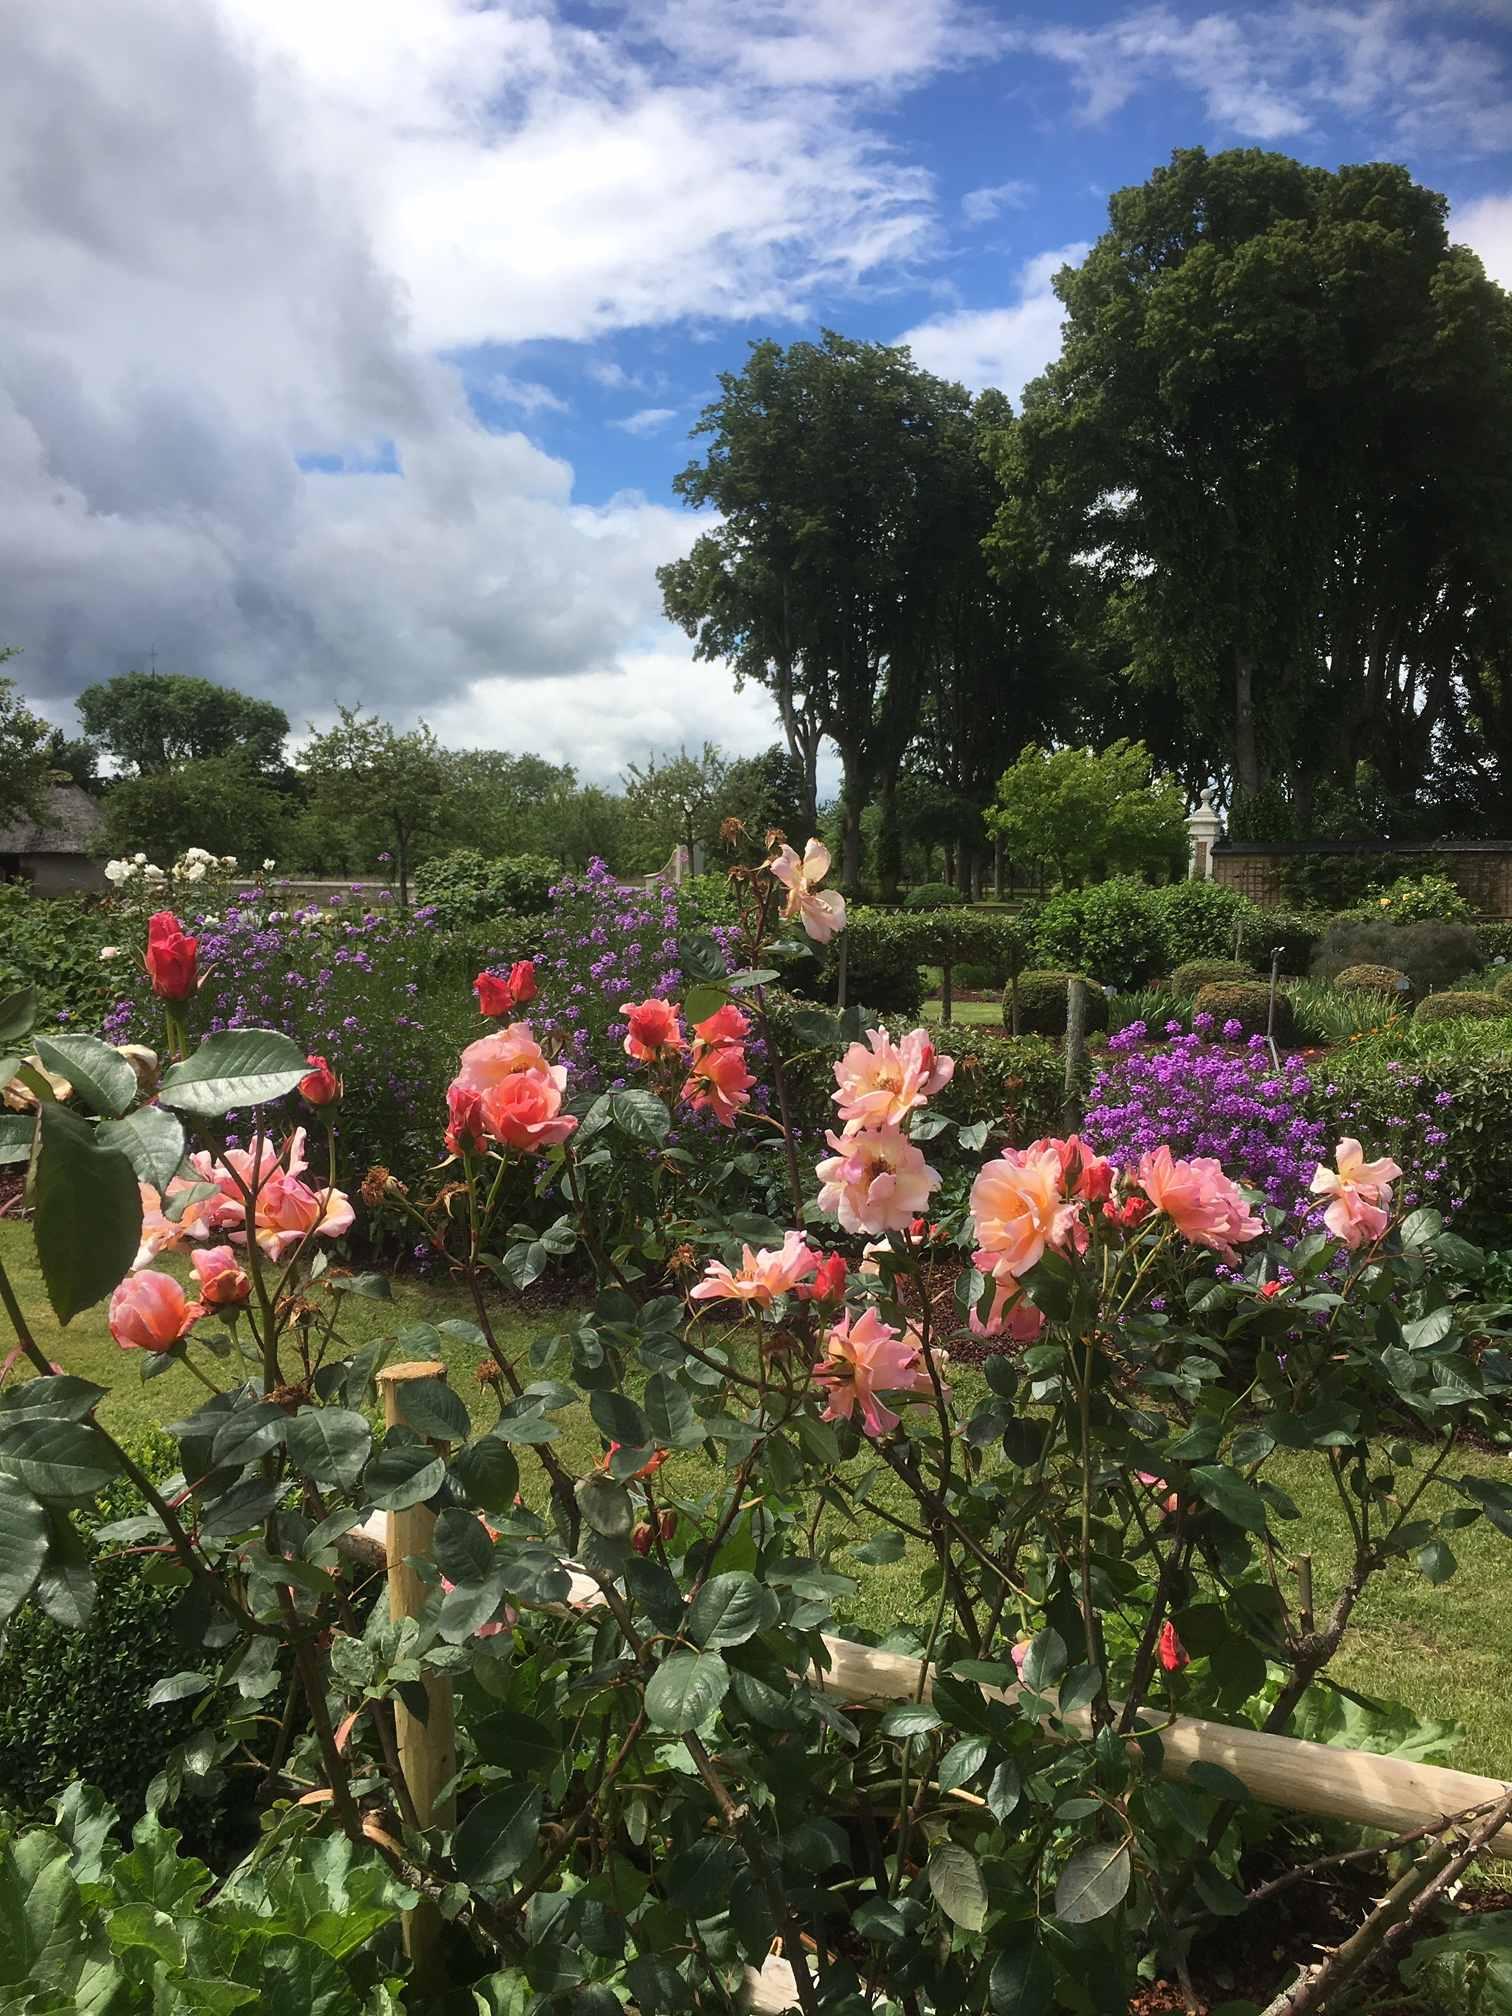 Rosier rose abricoté et Jardin de l'Orangerie juin 2019 IMG_1773